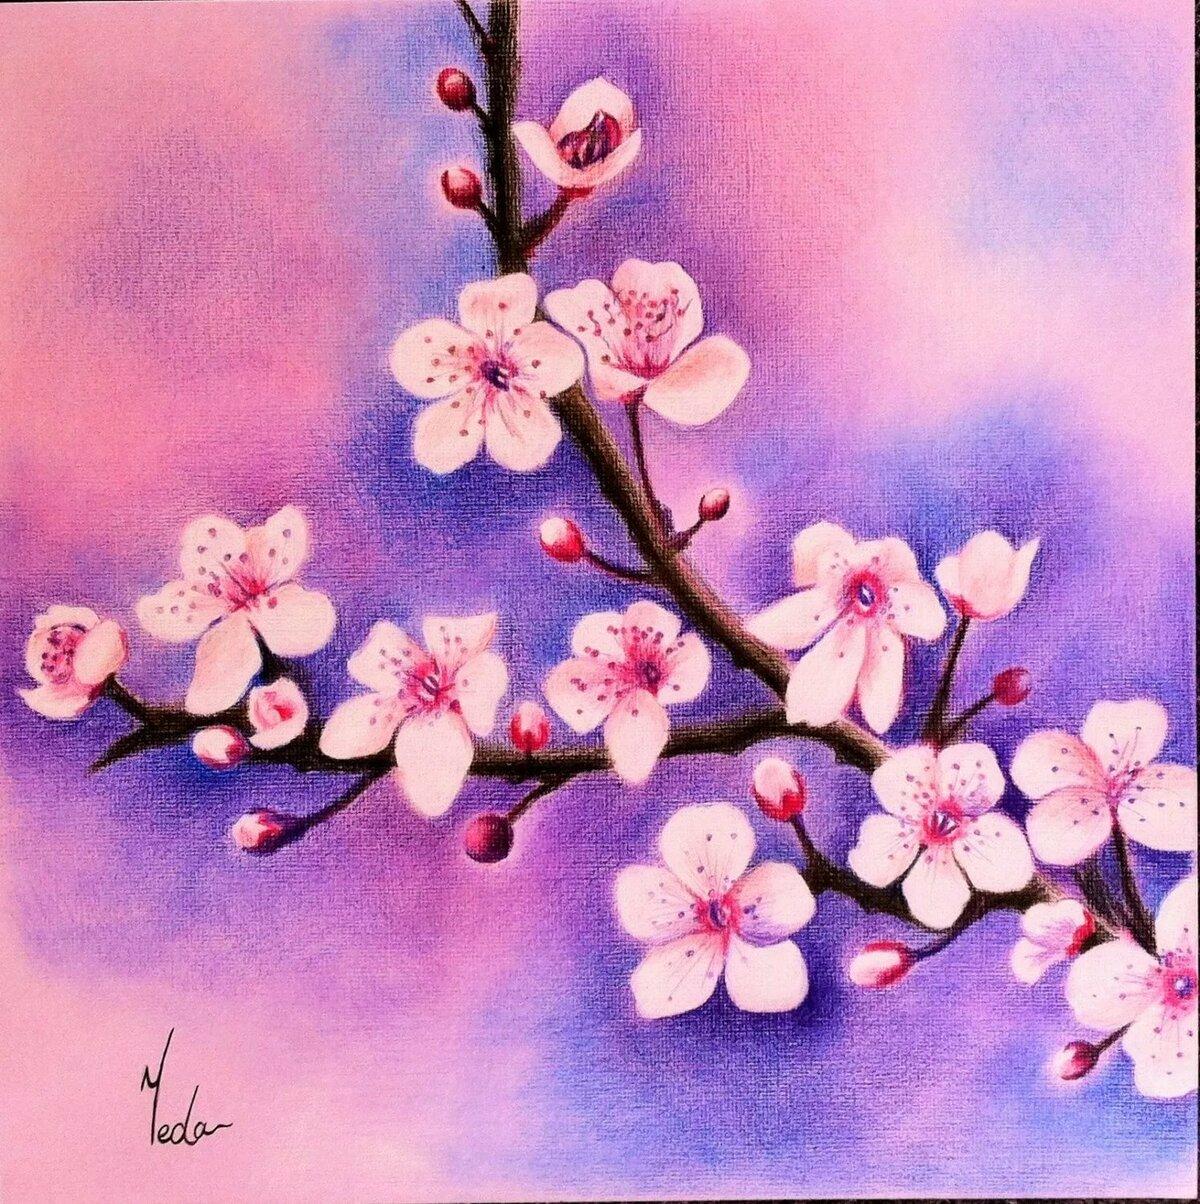 информация картинки сакура в цвету нарисовать как индиана джонс